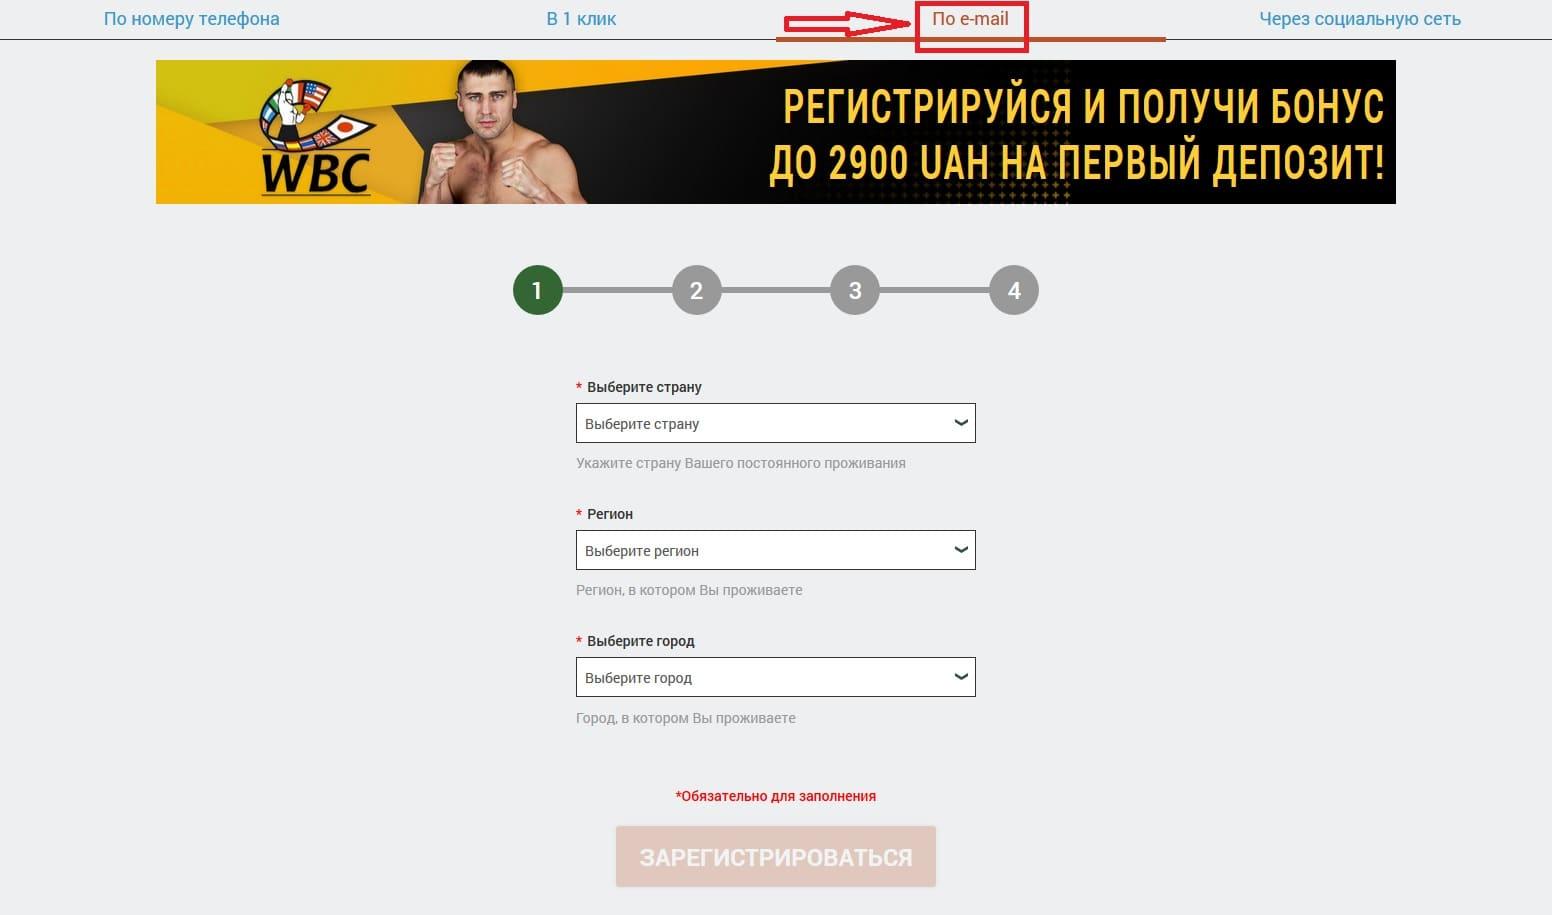 регистрация по e-mail